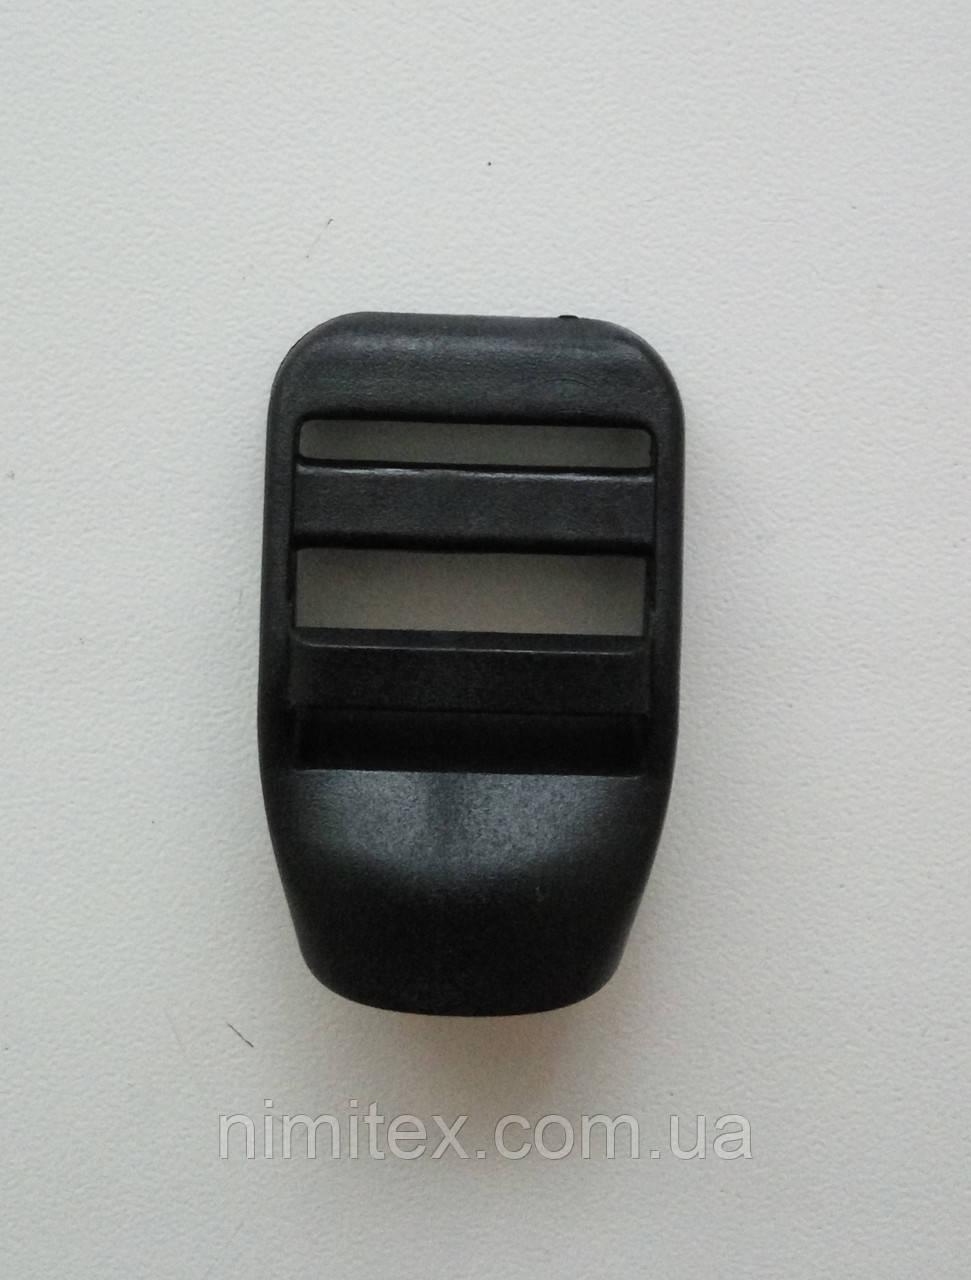 Регулятор трехщелевой пластик 20 мм черный